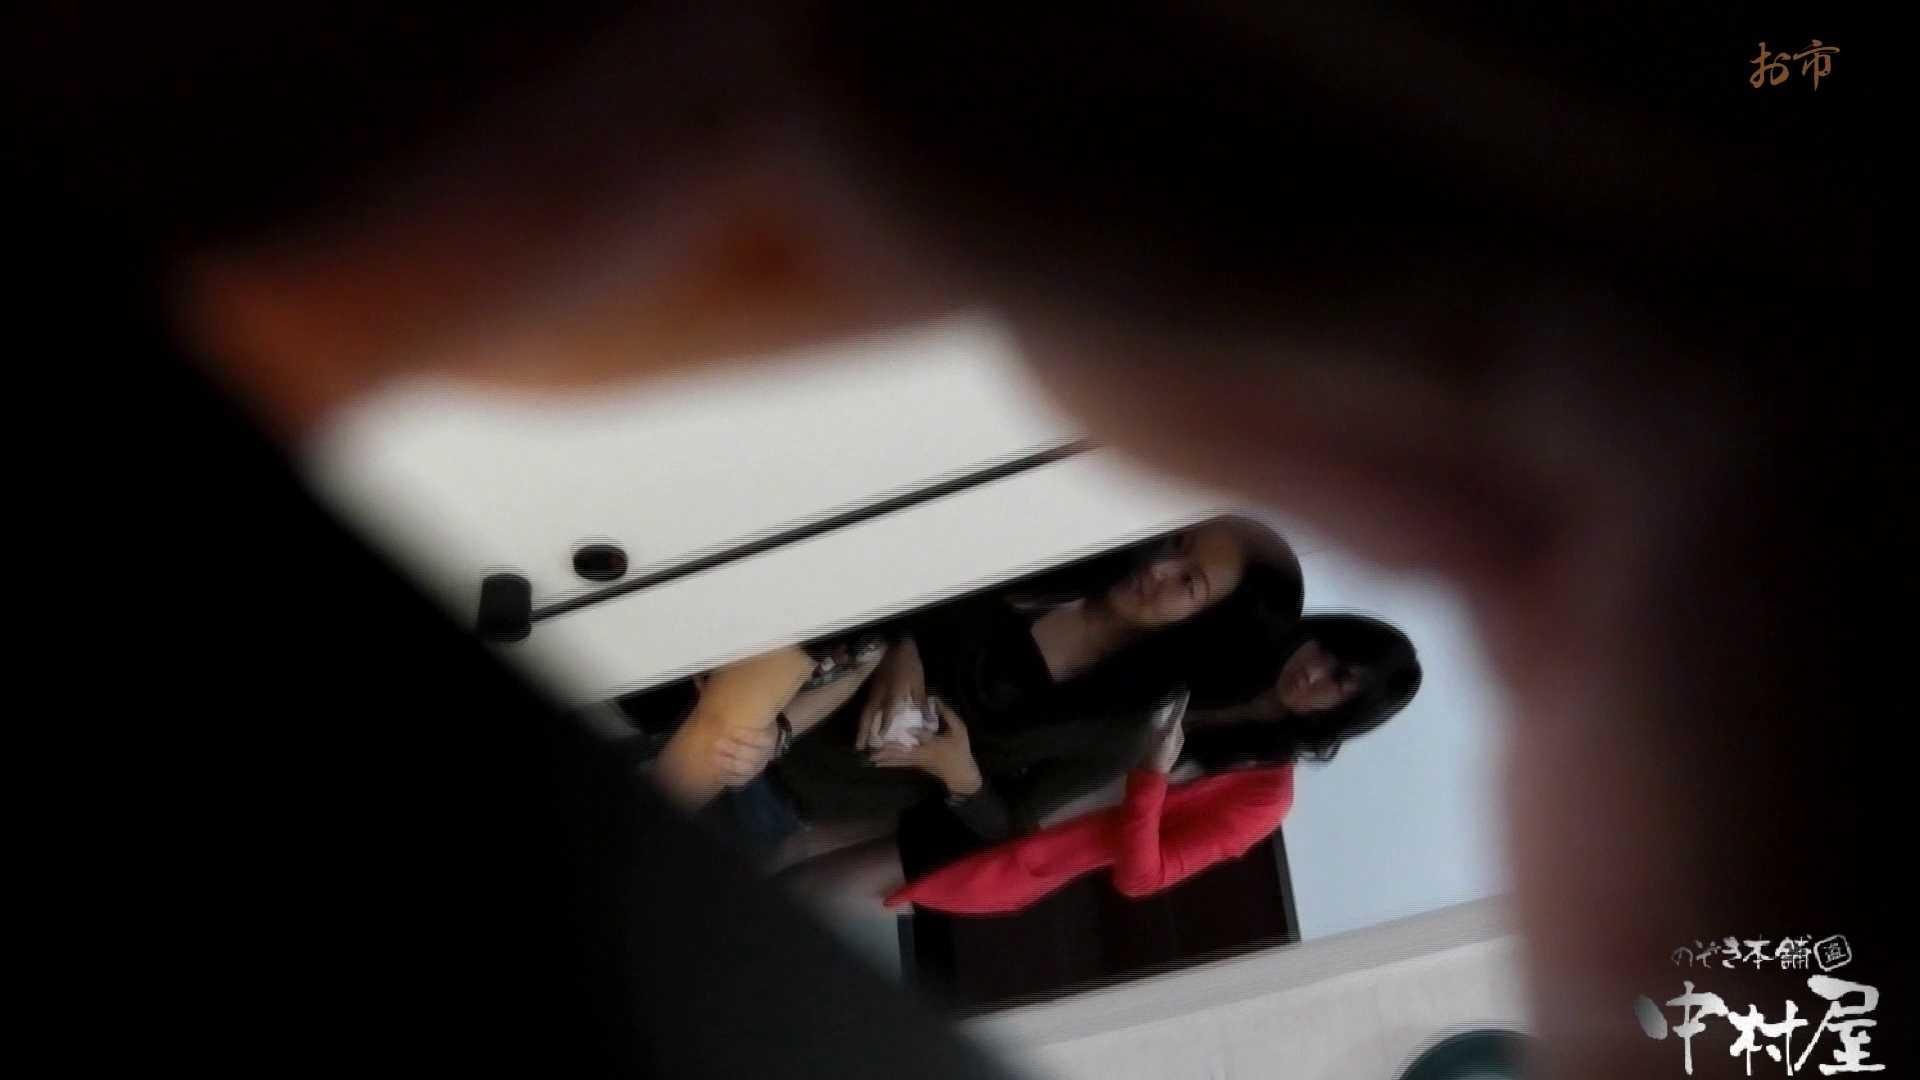 お市さんの「お尻丸出しジャンボリー」No.15 潜入突撃 のぞき動画画像 99pic 80